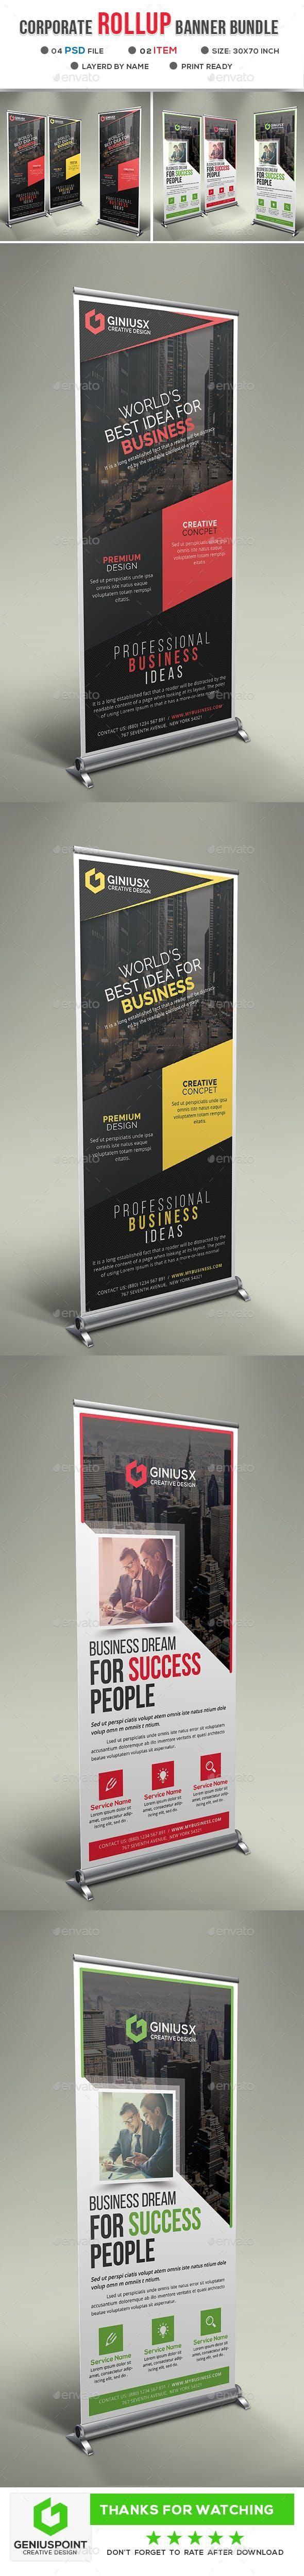 Corporate Roll Up Banner Bundle for $9 #SignageTemplates #sets #SignageDesign #s...